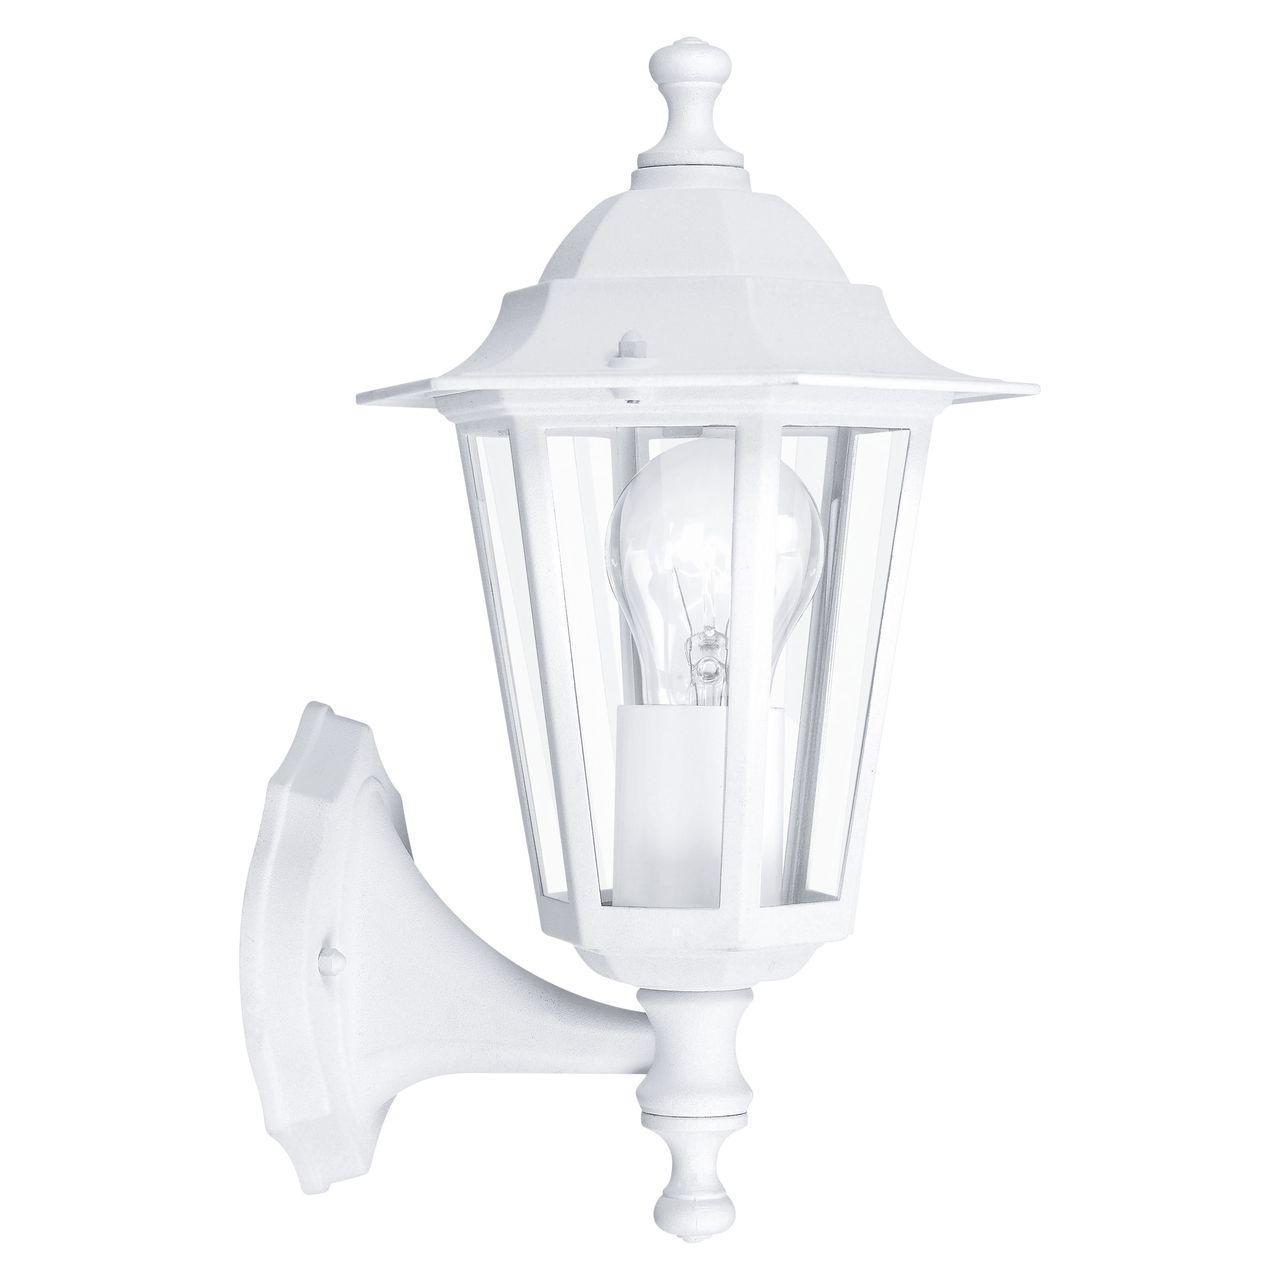 Уличный настенный светильник Eglo Laterna 4 22463 цена 2017